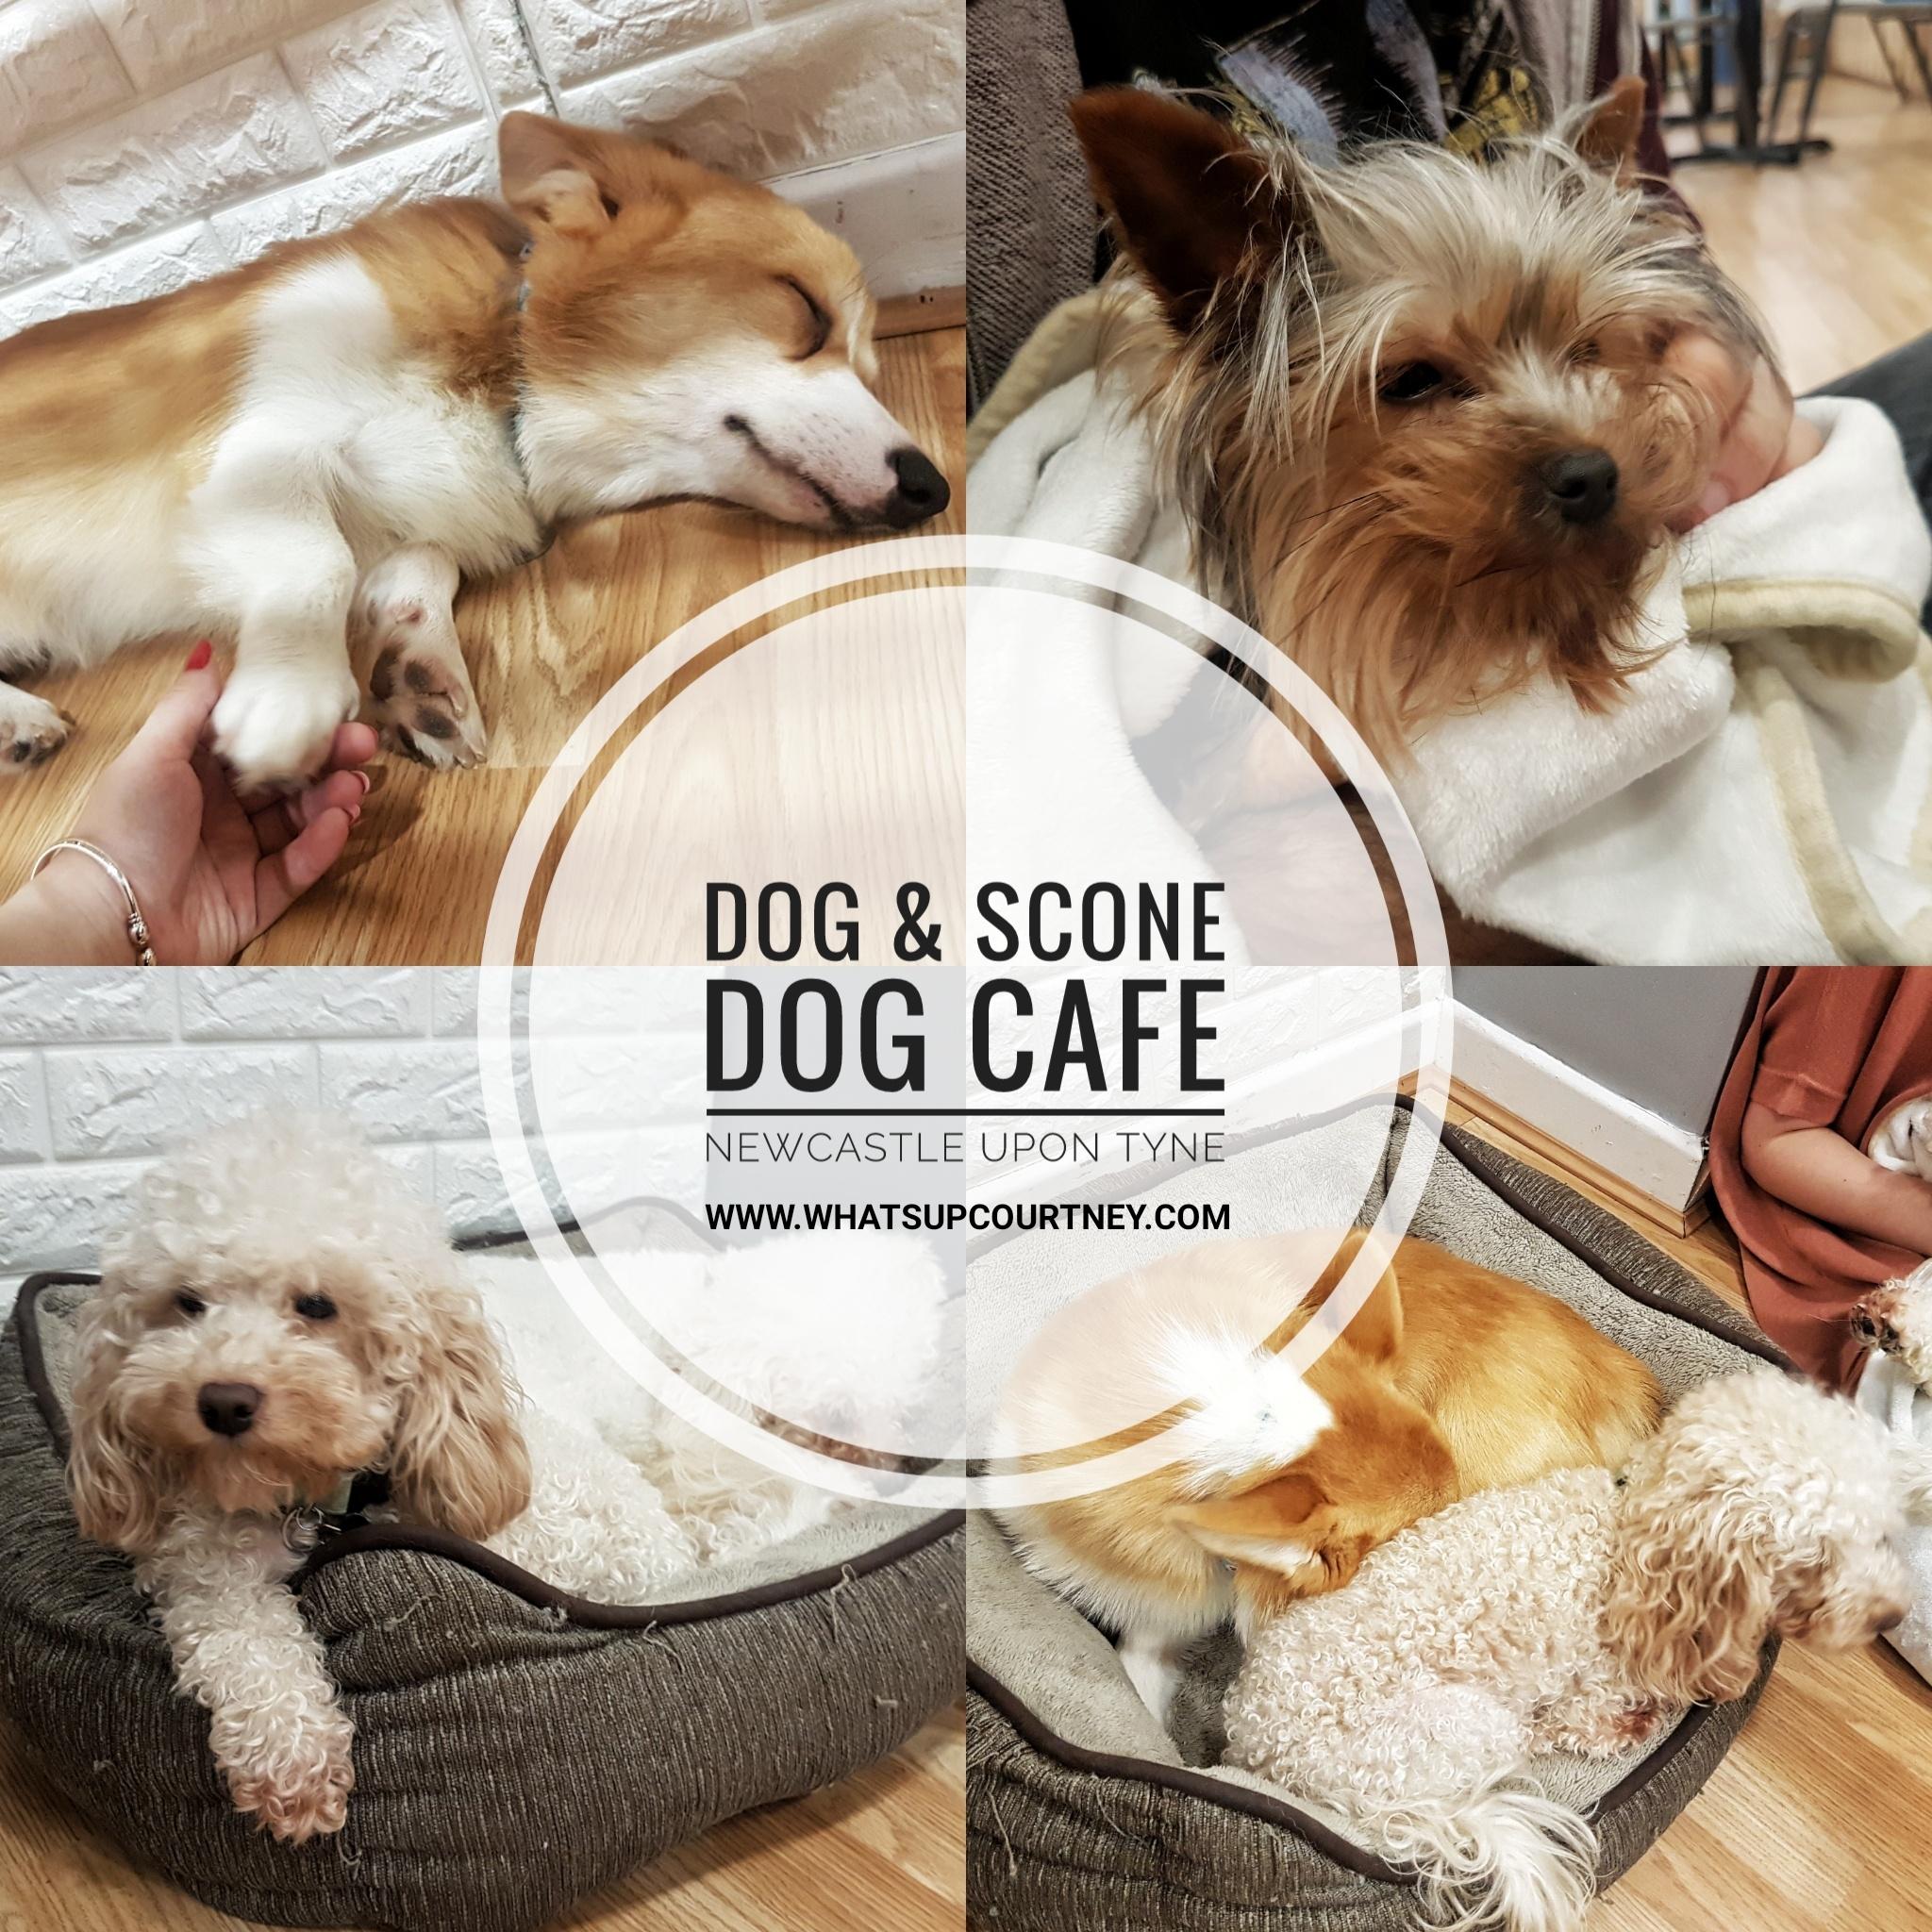 Dog & Scone Dog Cafe Newcastle